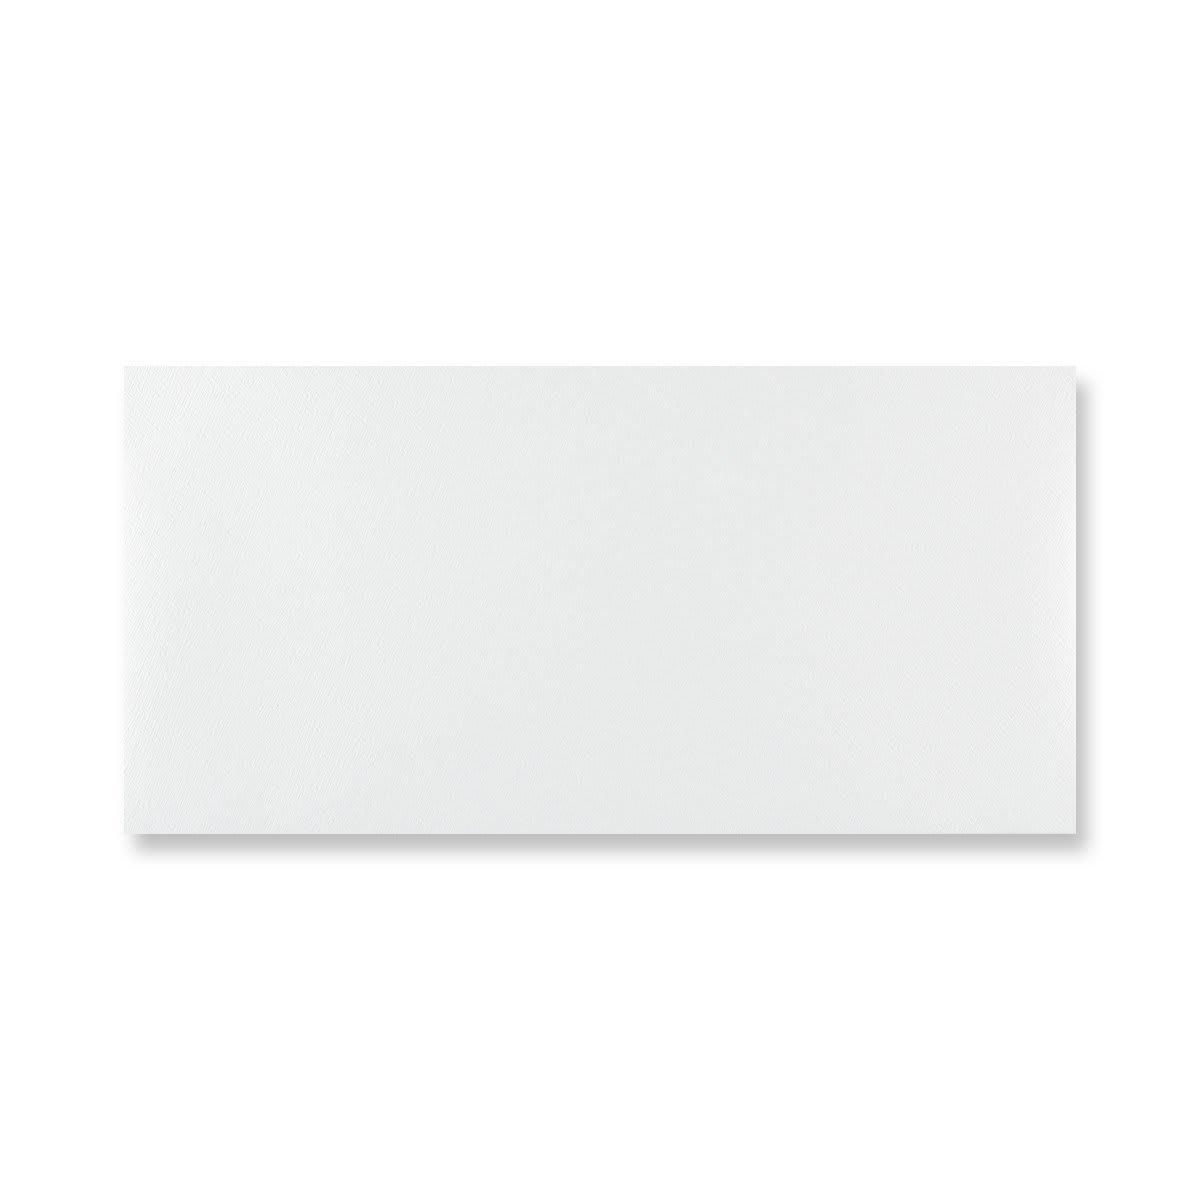 DL WHITE BUTTERFLY ENVELOPES